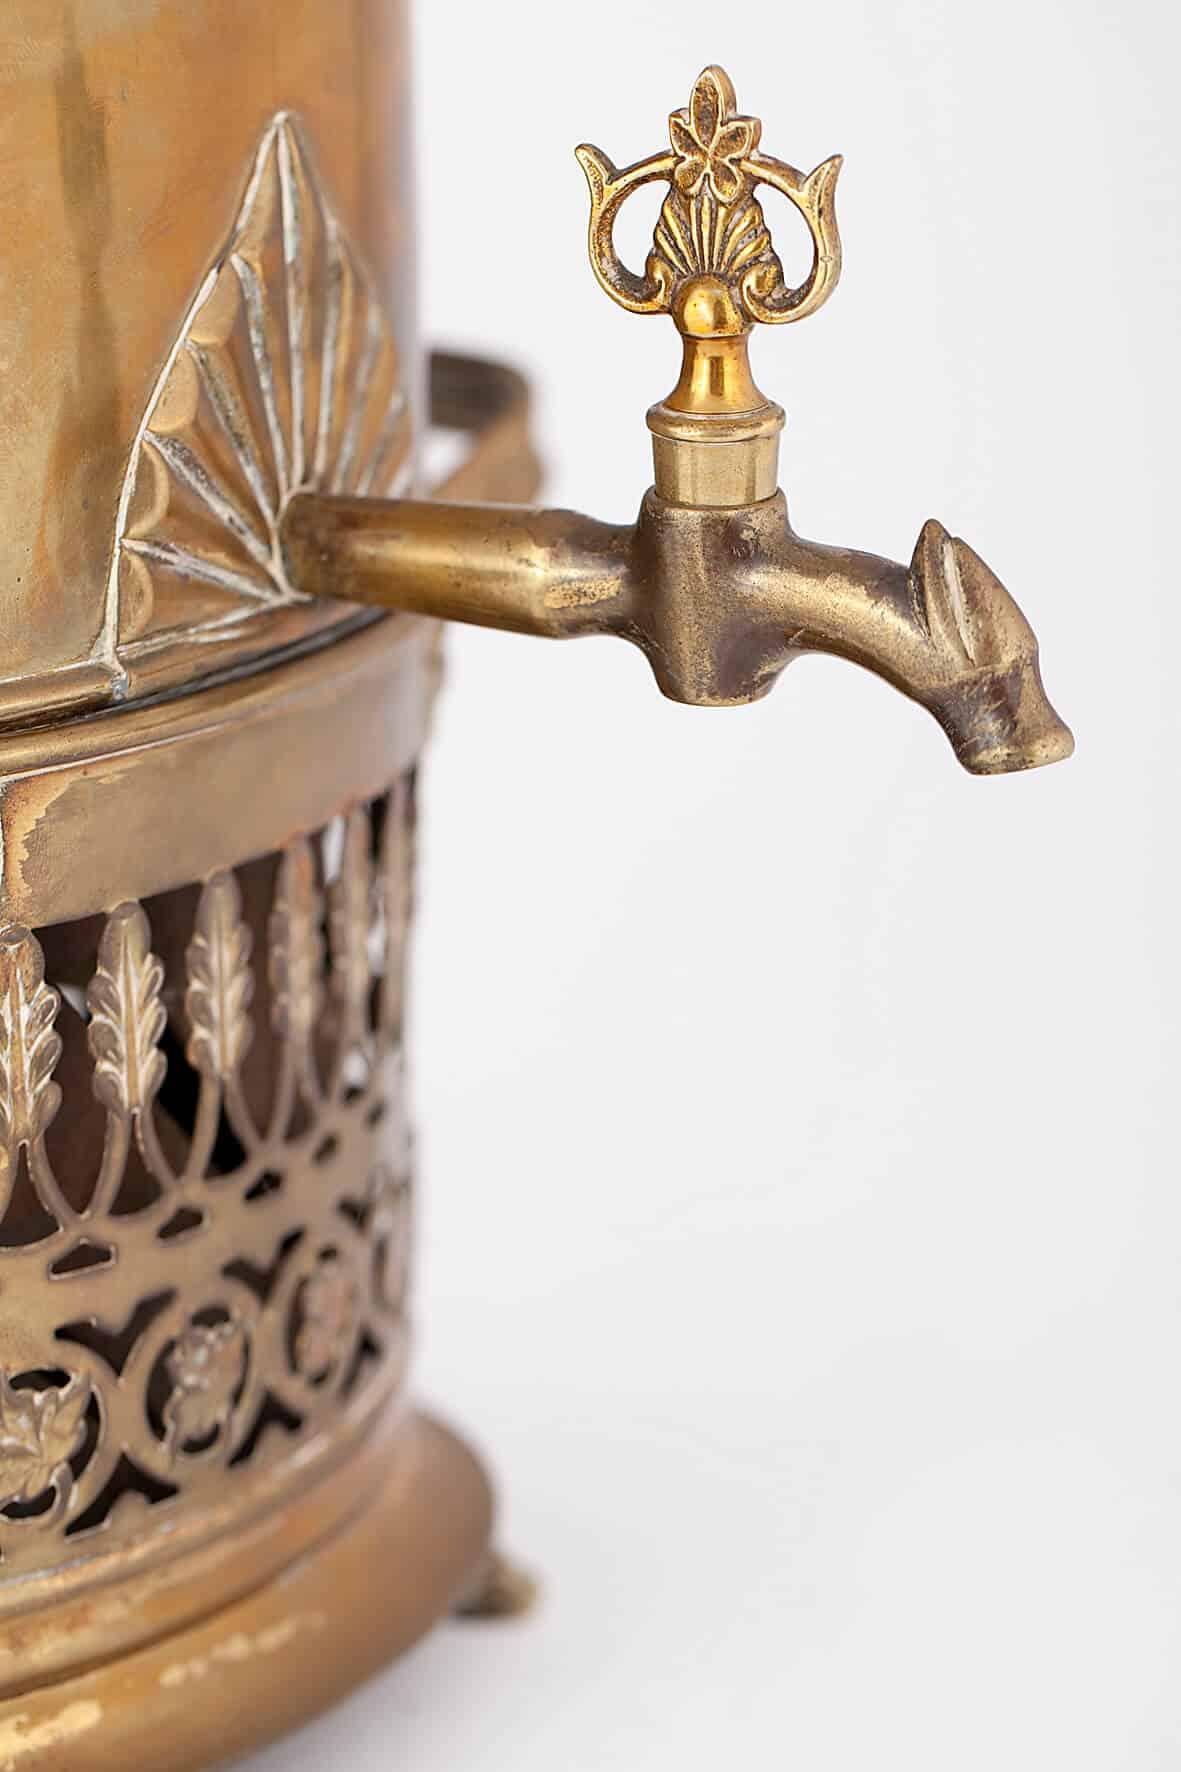 КБ 417 | Самовар-кофейник с ажурным поддоном | Музей самоваров и бульоток